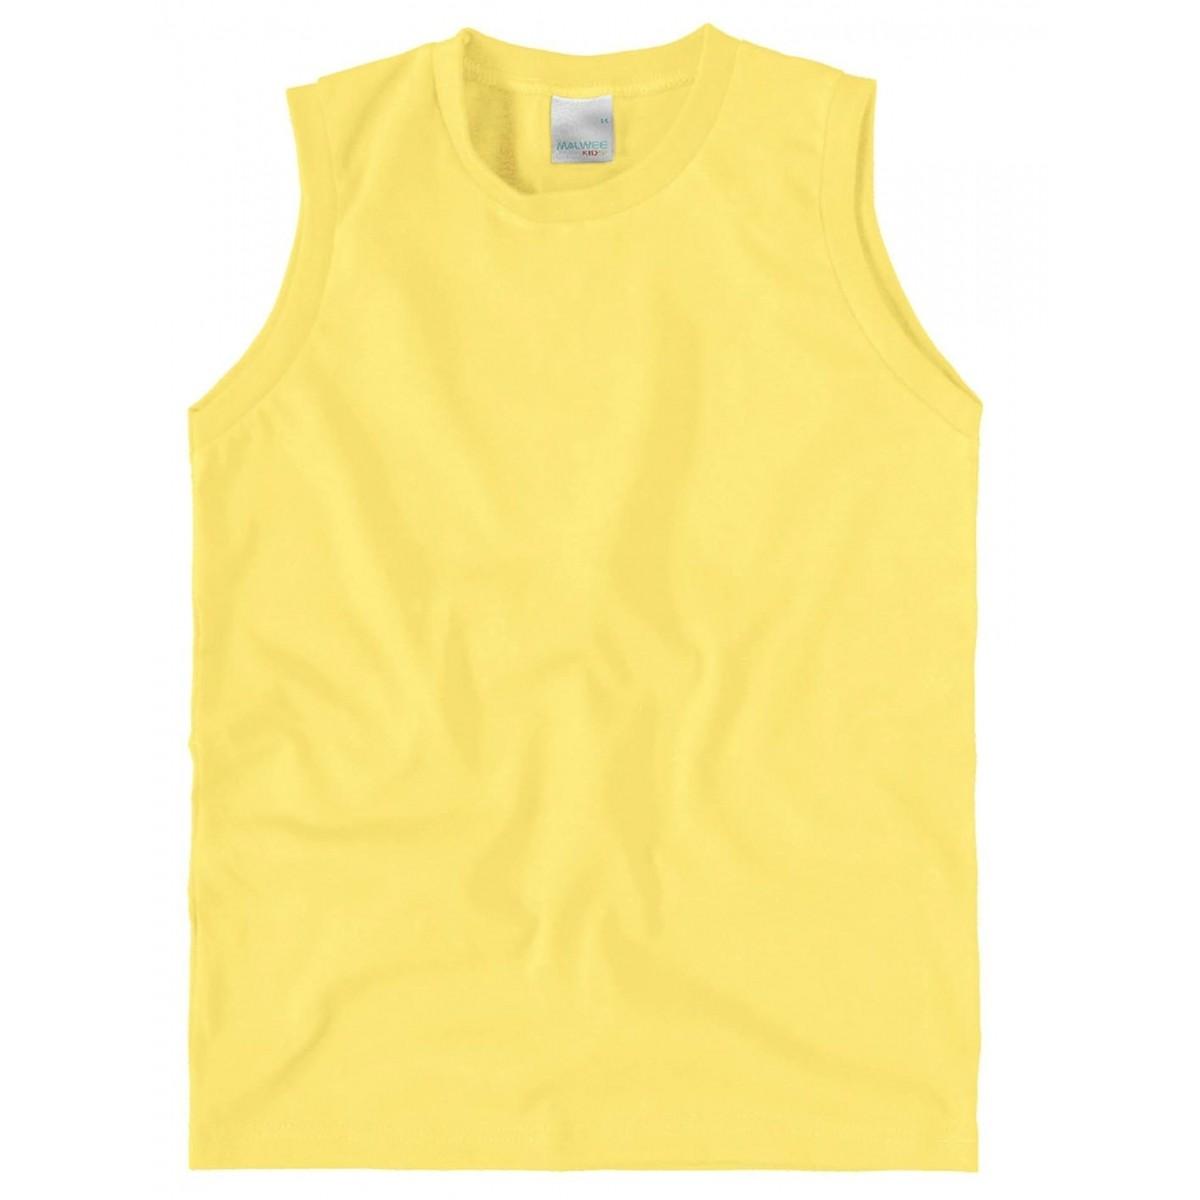 Camiseta Infantil Regata Amarela Masculina Malwee